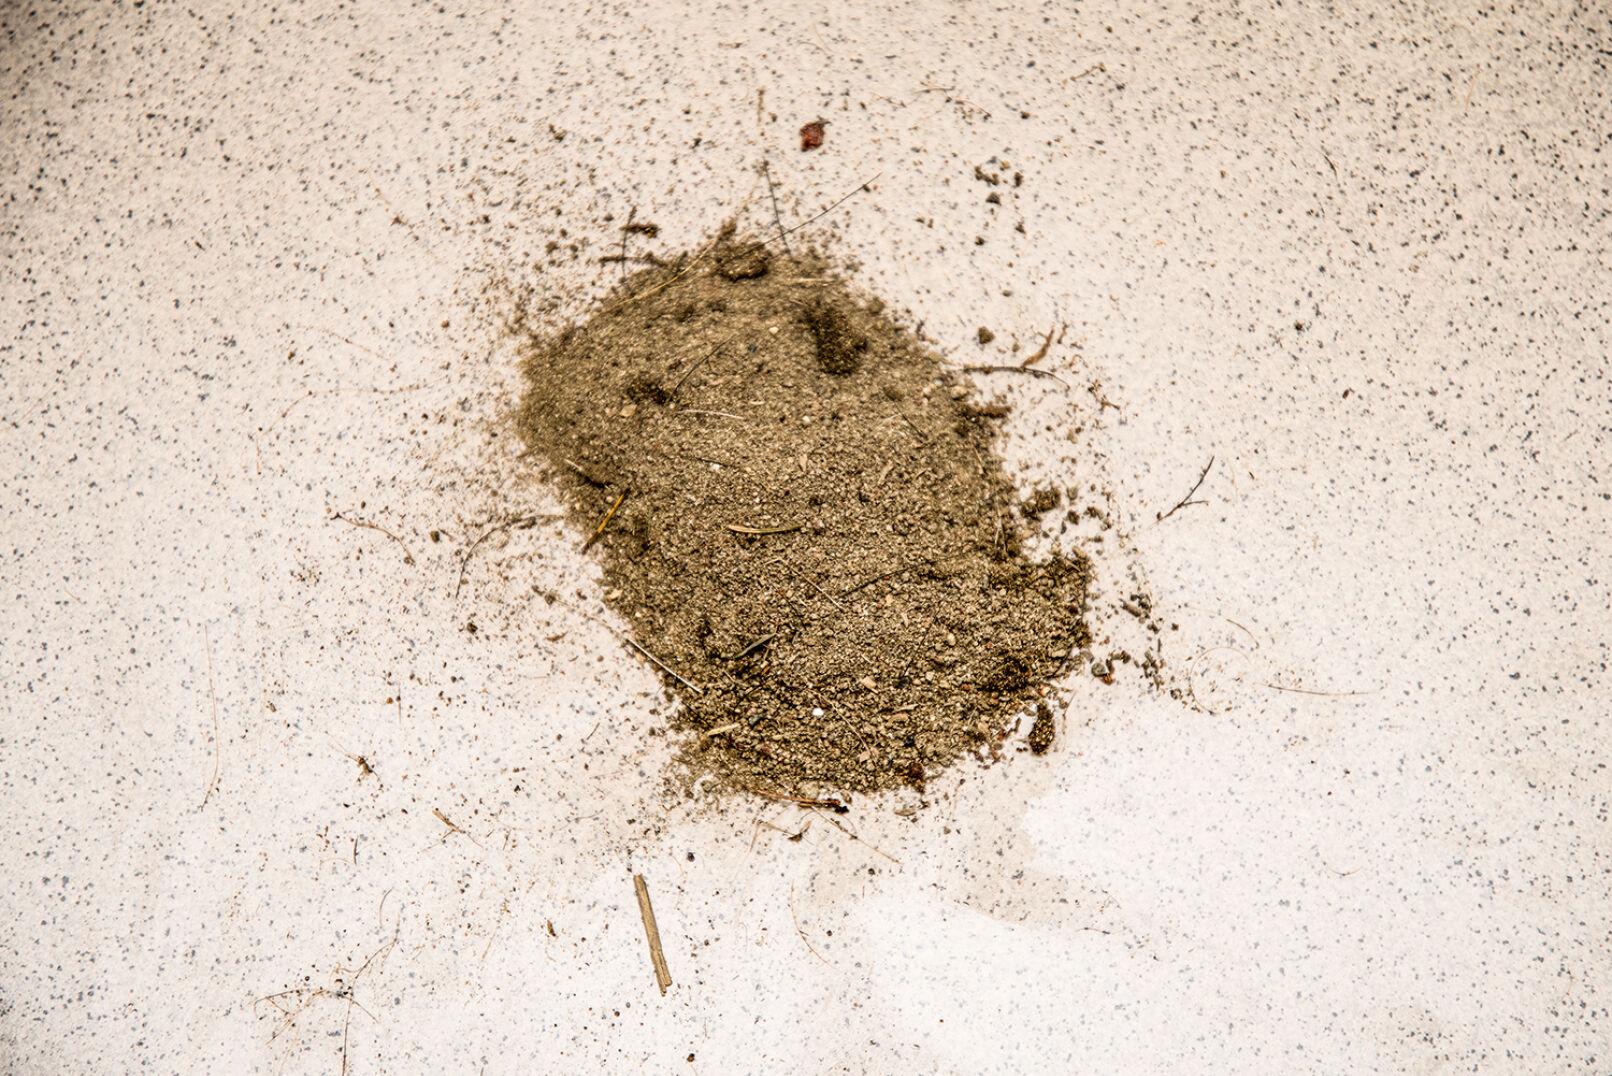 Sand aus der Sommerschwarte - Sand rieselte aus der Sommerschwarte, insgesamt mehr als 1 kg! - © Martin Grasberger